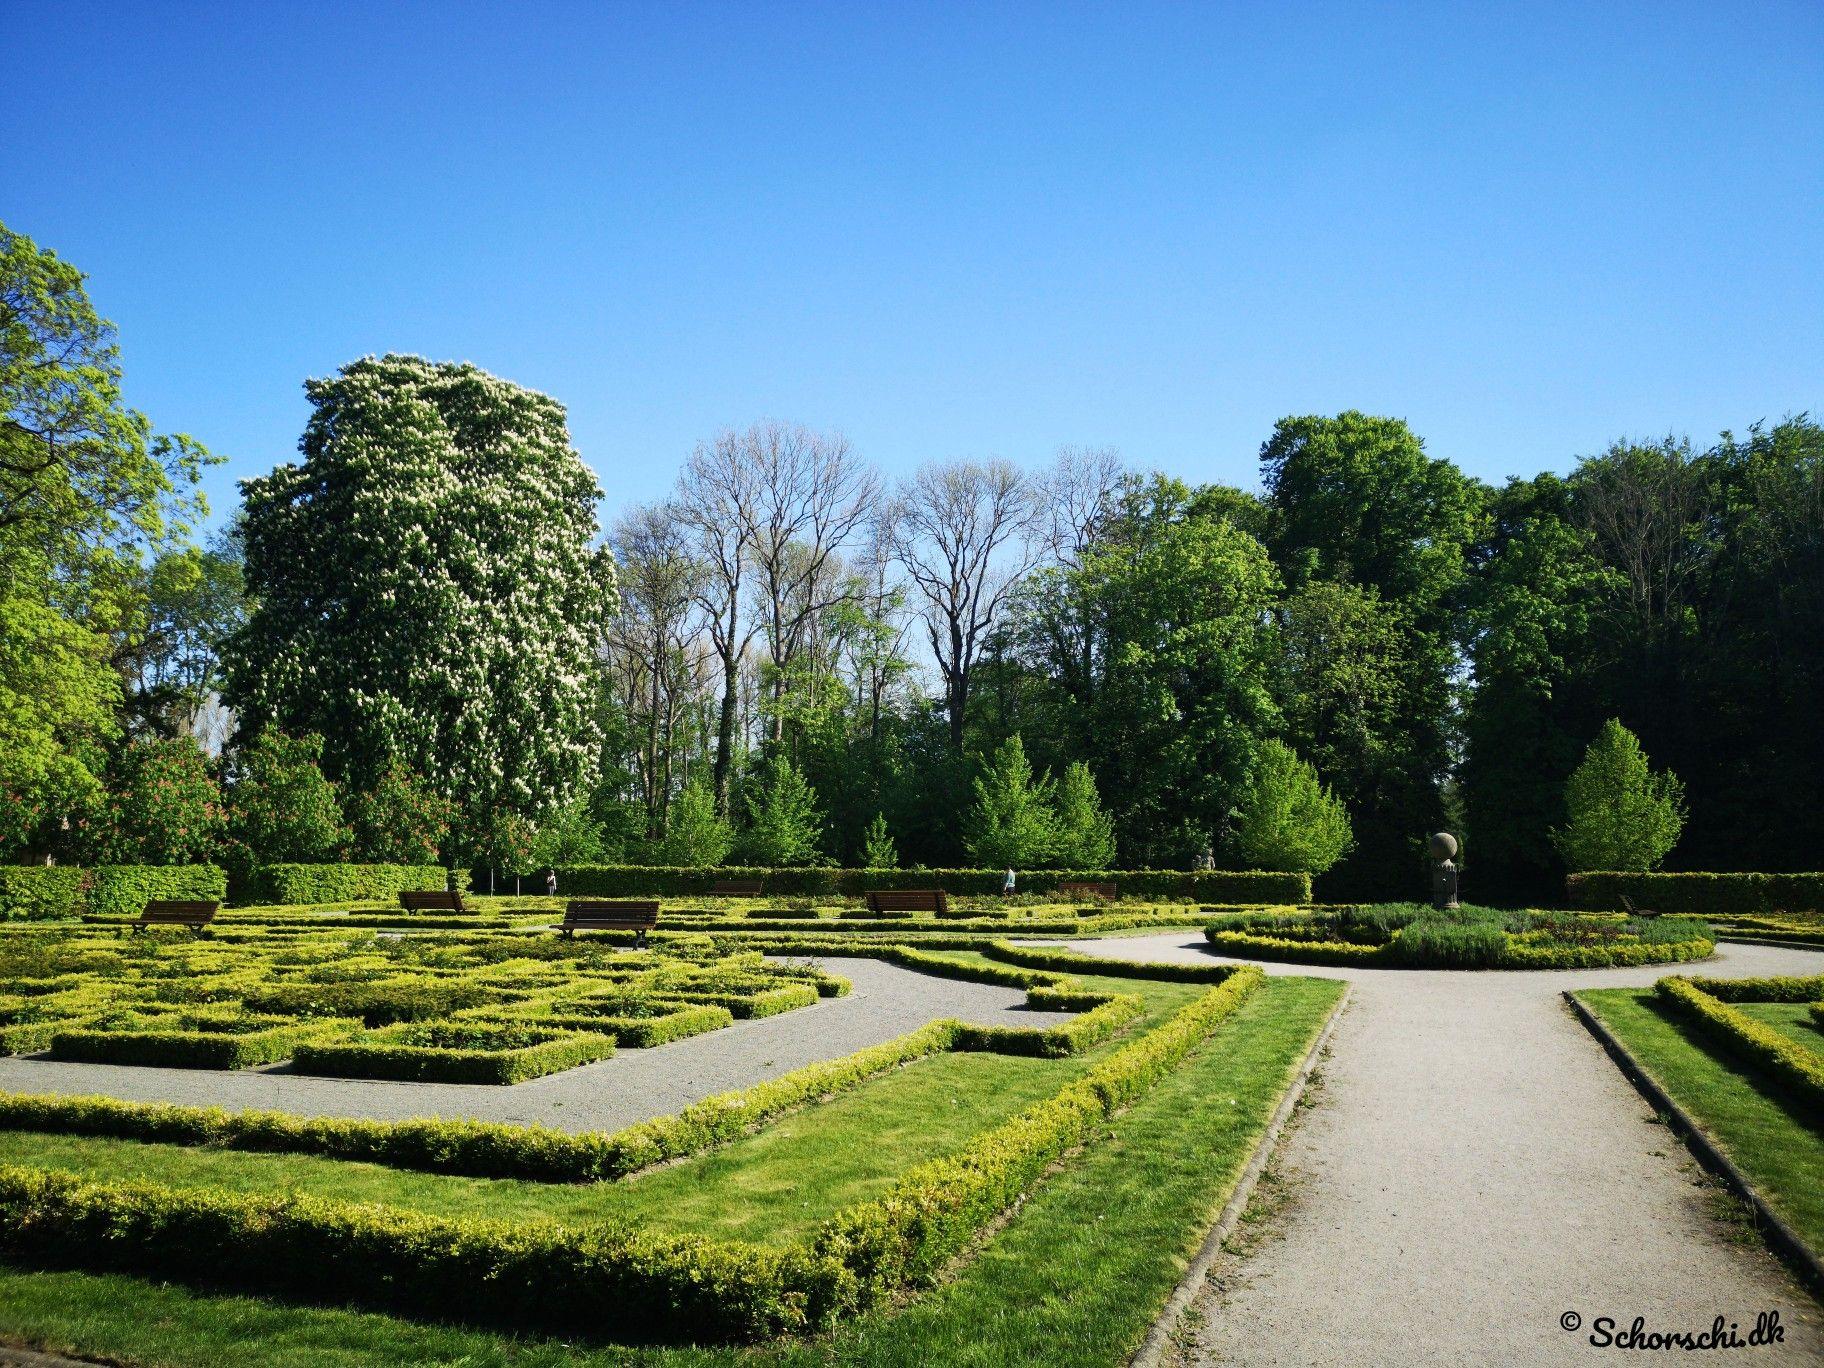 Schlosspark Vechelde Schlosspark Herzlich Willkommen Zu Hause Gemeinde